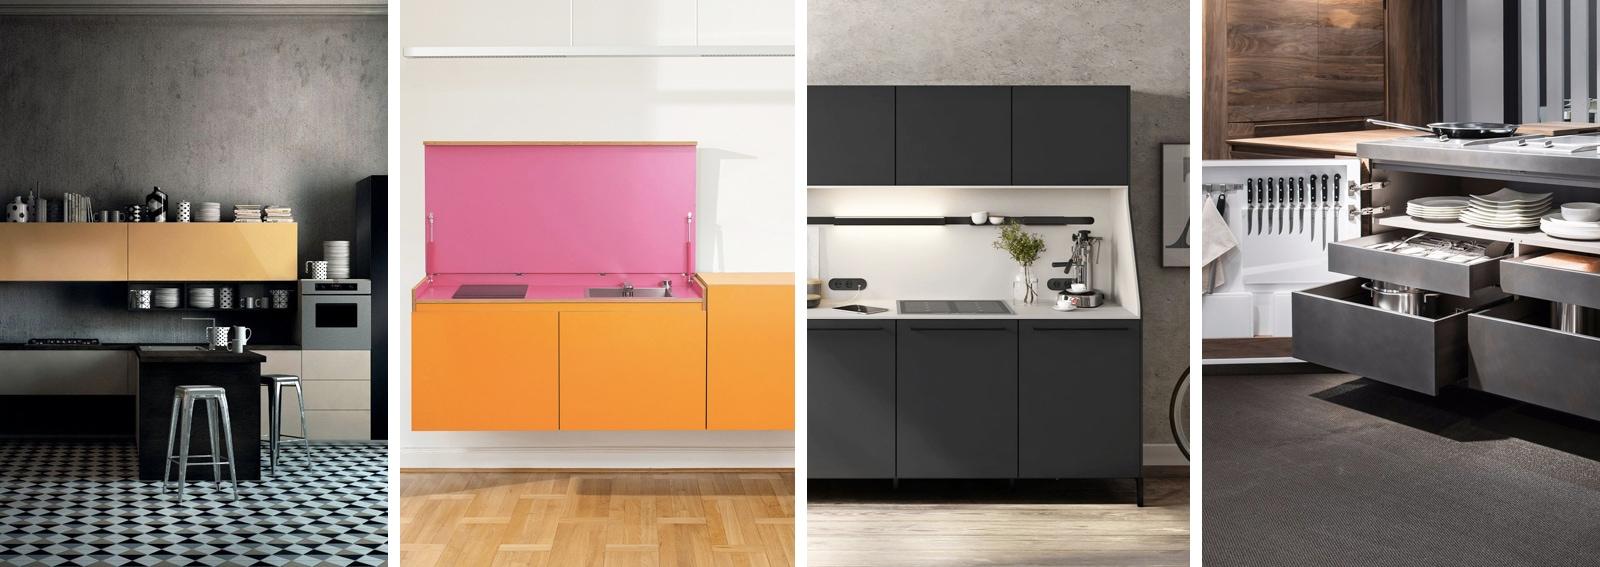 10 idee per arredare una cucina molto piccola - Idee per arredare una casa ...